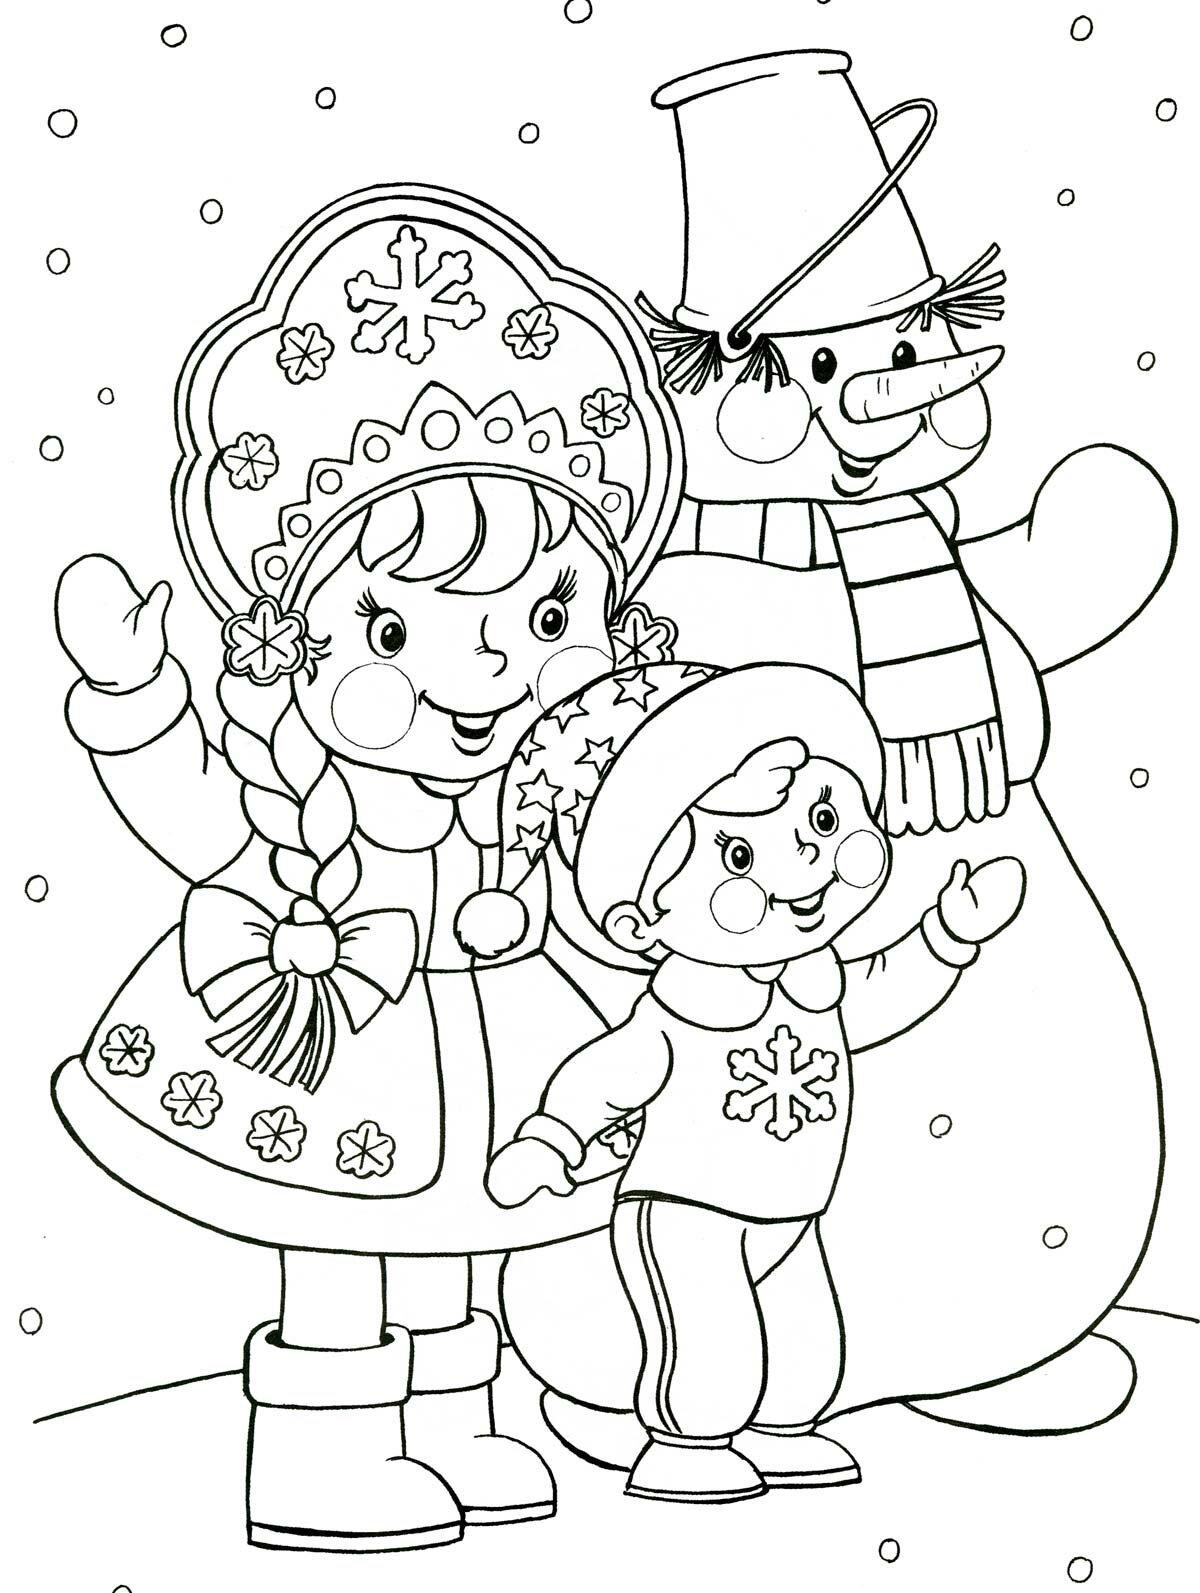 Картинки-раскраски новый год для детей распечатать